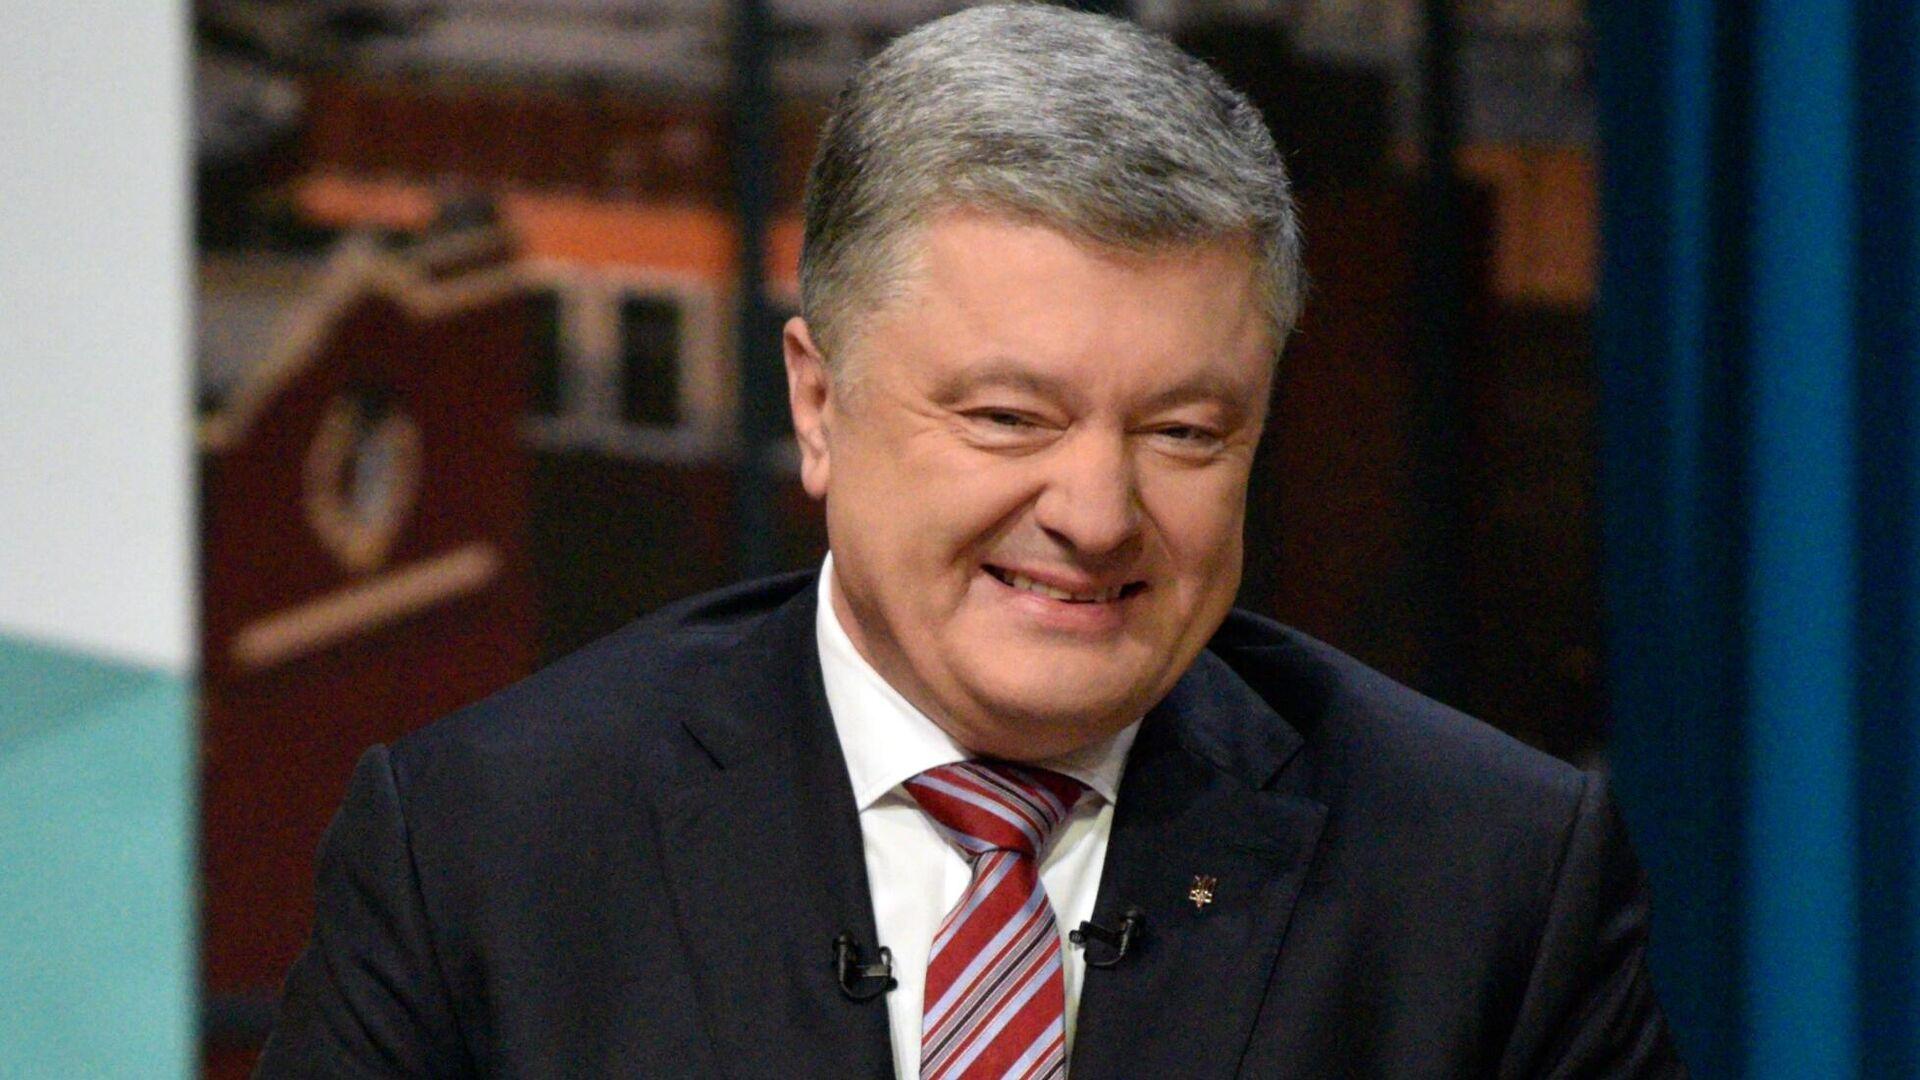 Петр Порошенко во время дискуссии с представителями гражданского общества - РИА Новости, 1920, 27.09.2021